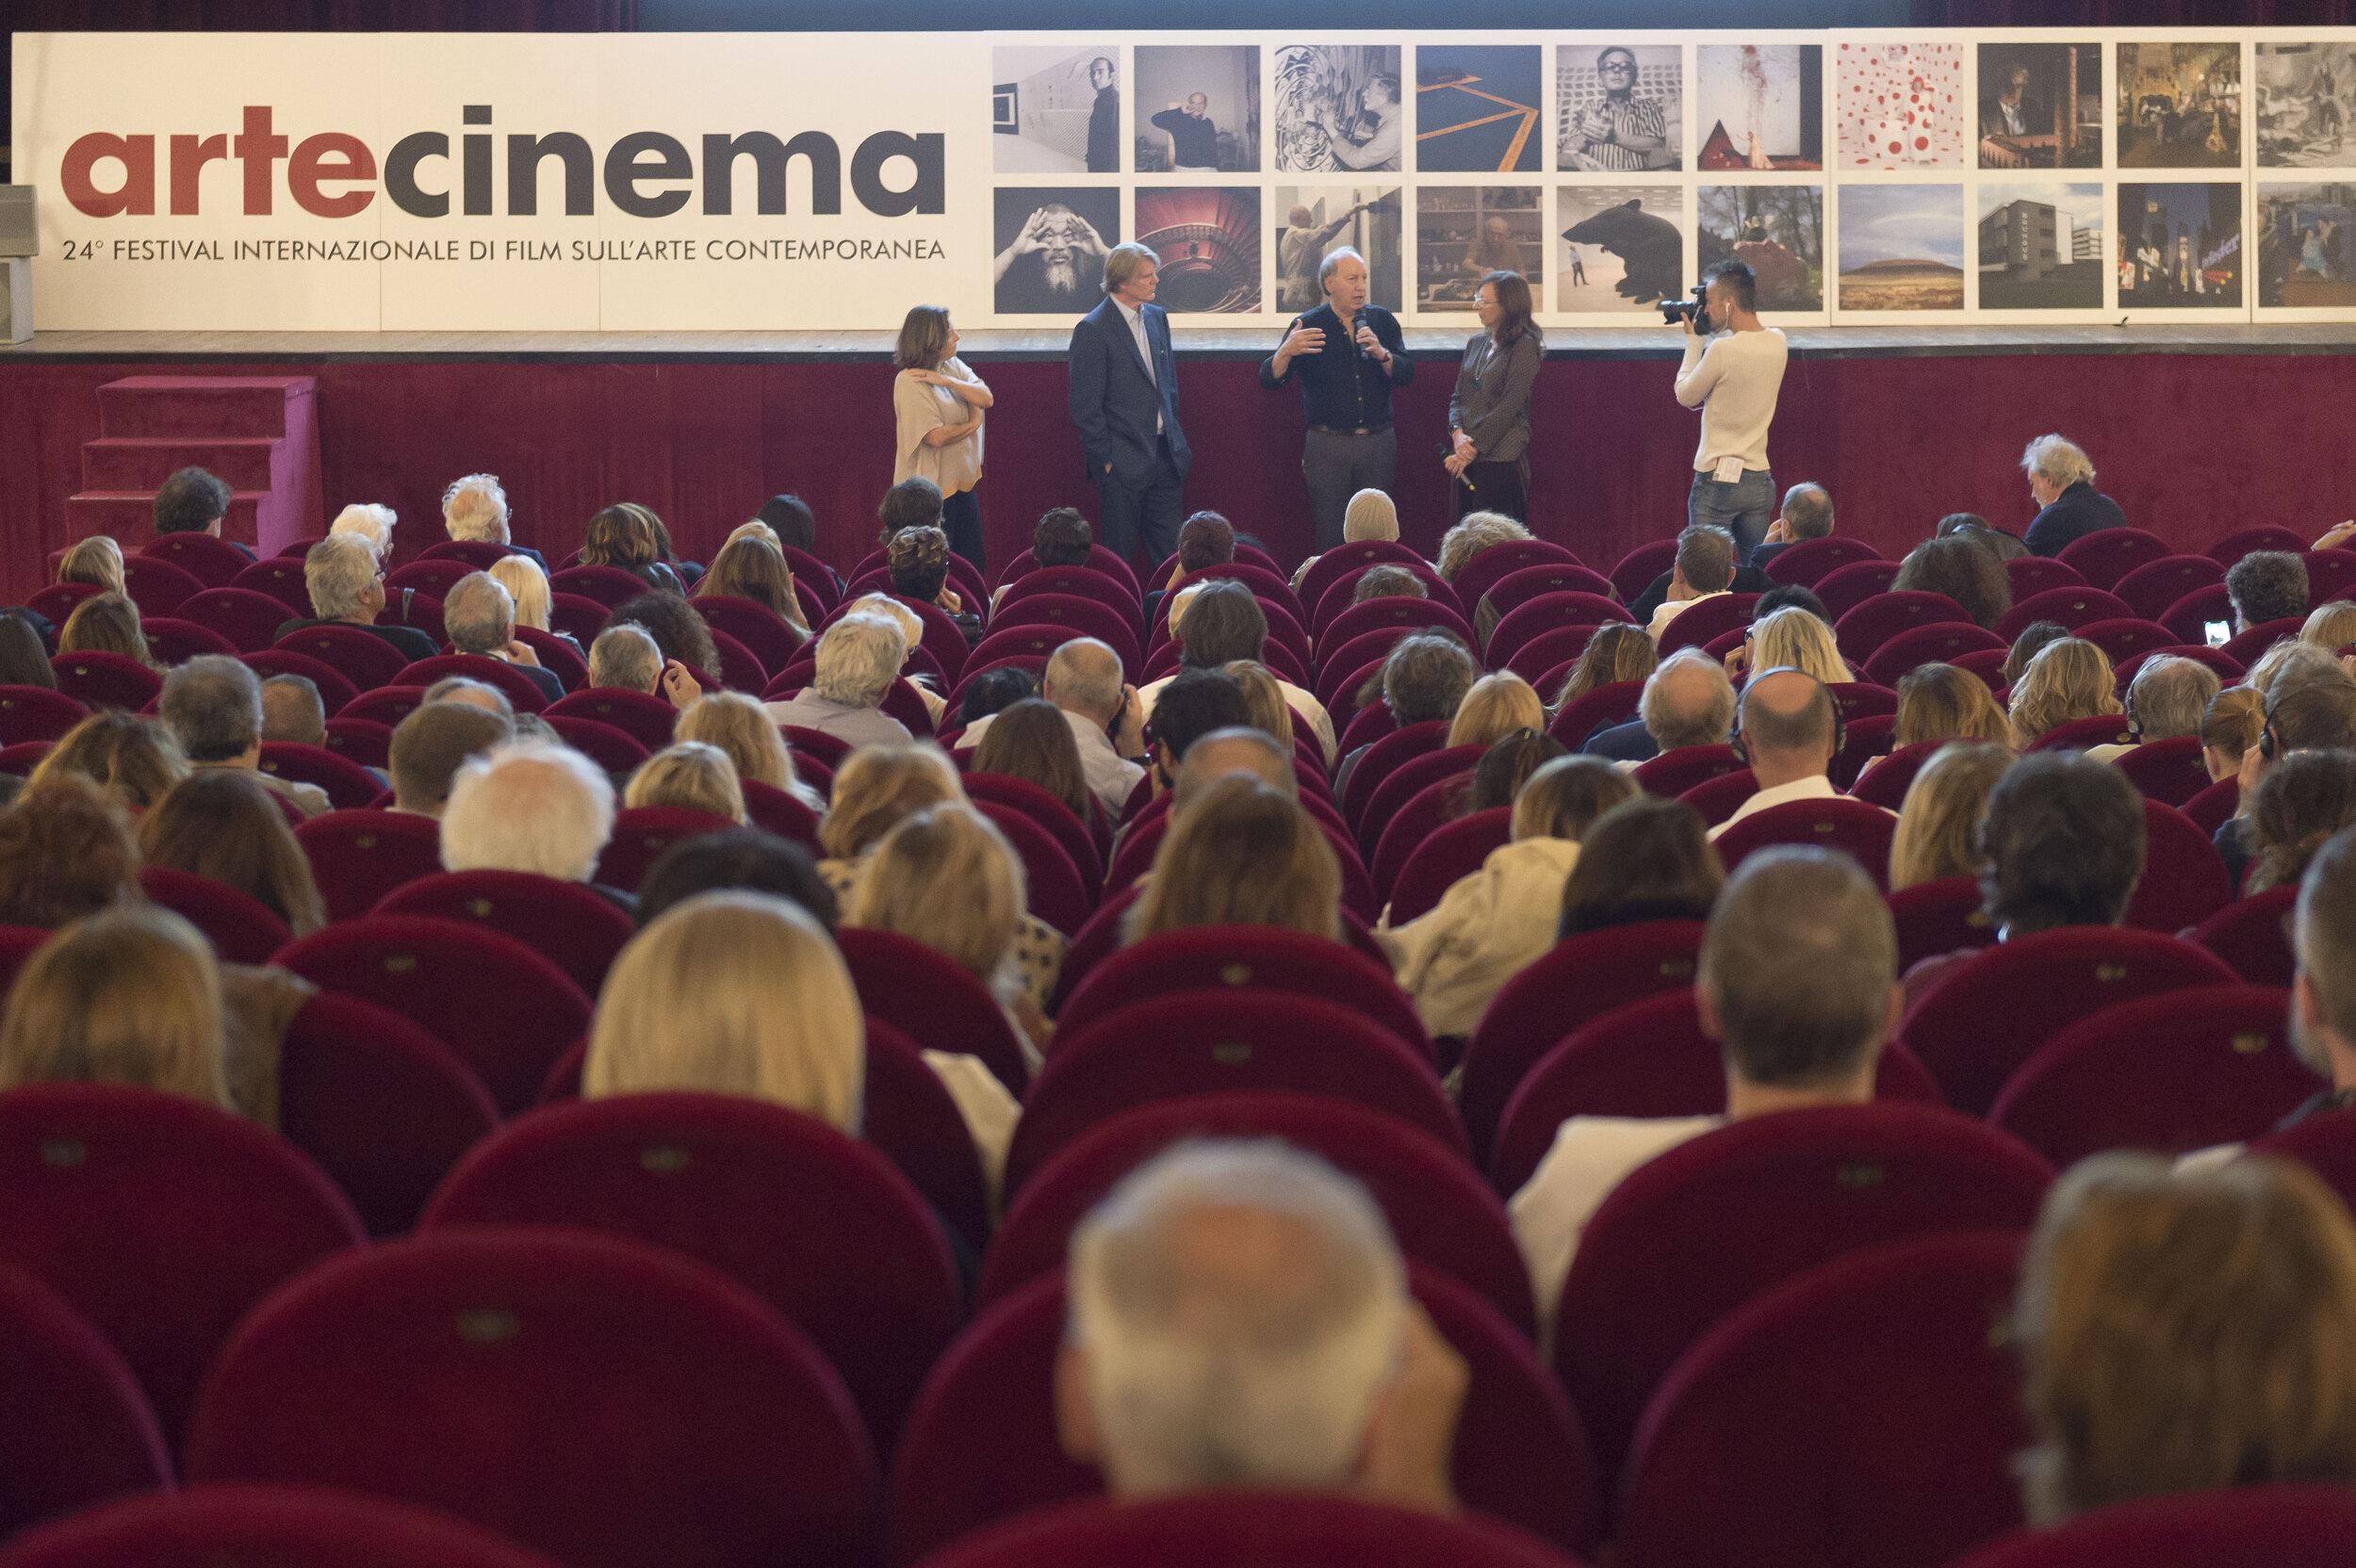 Artecinema 2019_ph Francesco Squeglia_0862_1.jpg